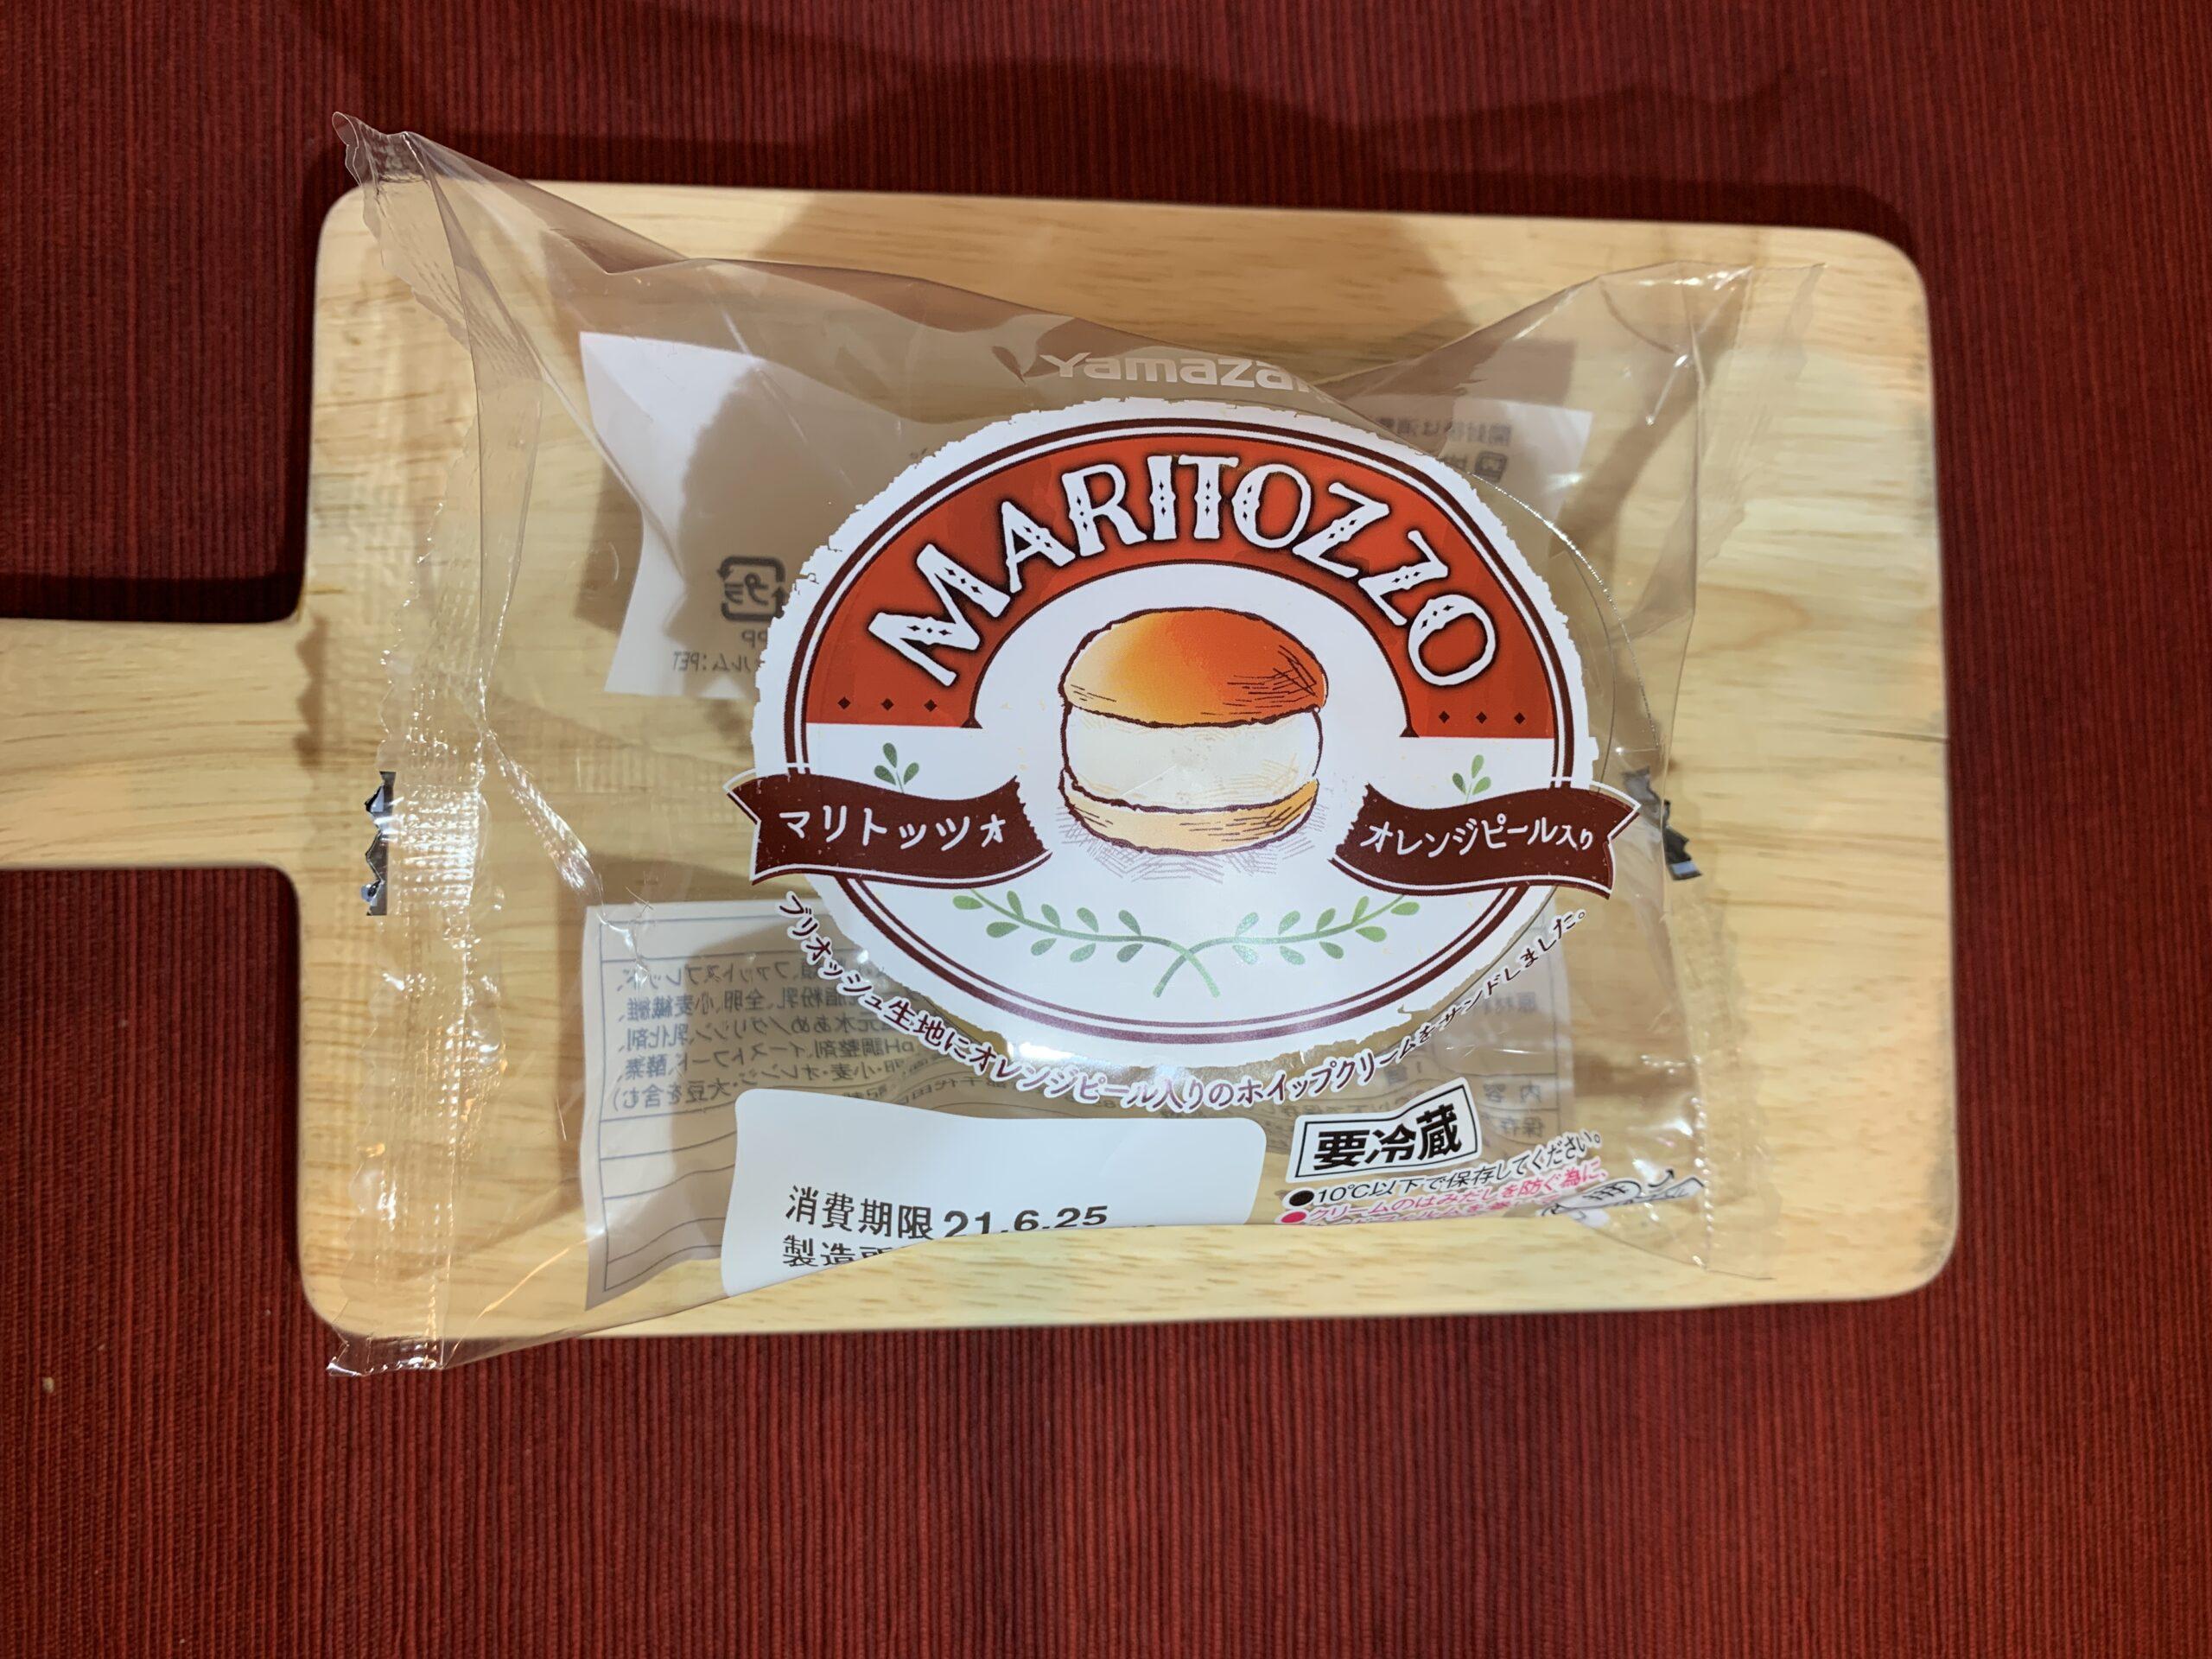 ヤマザキマリトッツォオレンジピール入り・要冷蔵は美味しい?